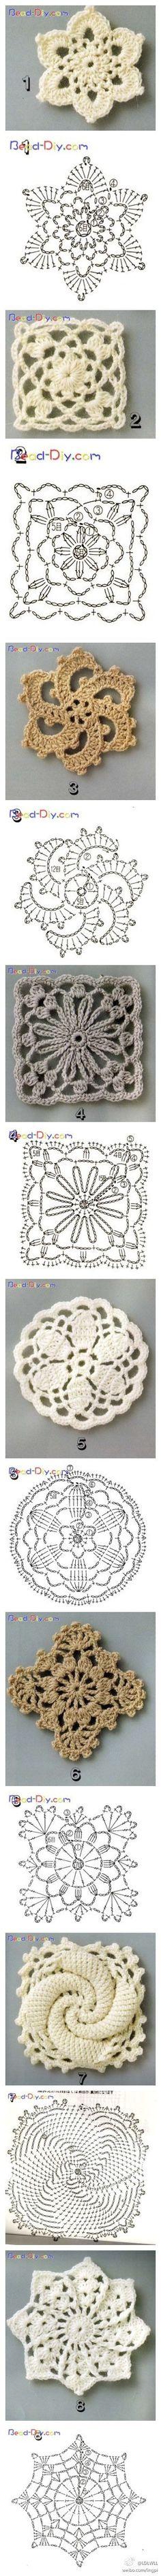 Schéma ou diagramme pour crochet Modèle divers de carrés et ronds